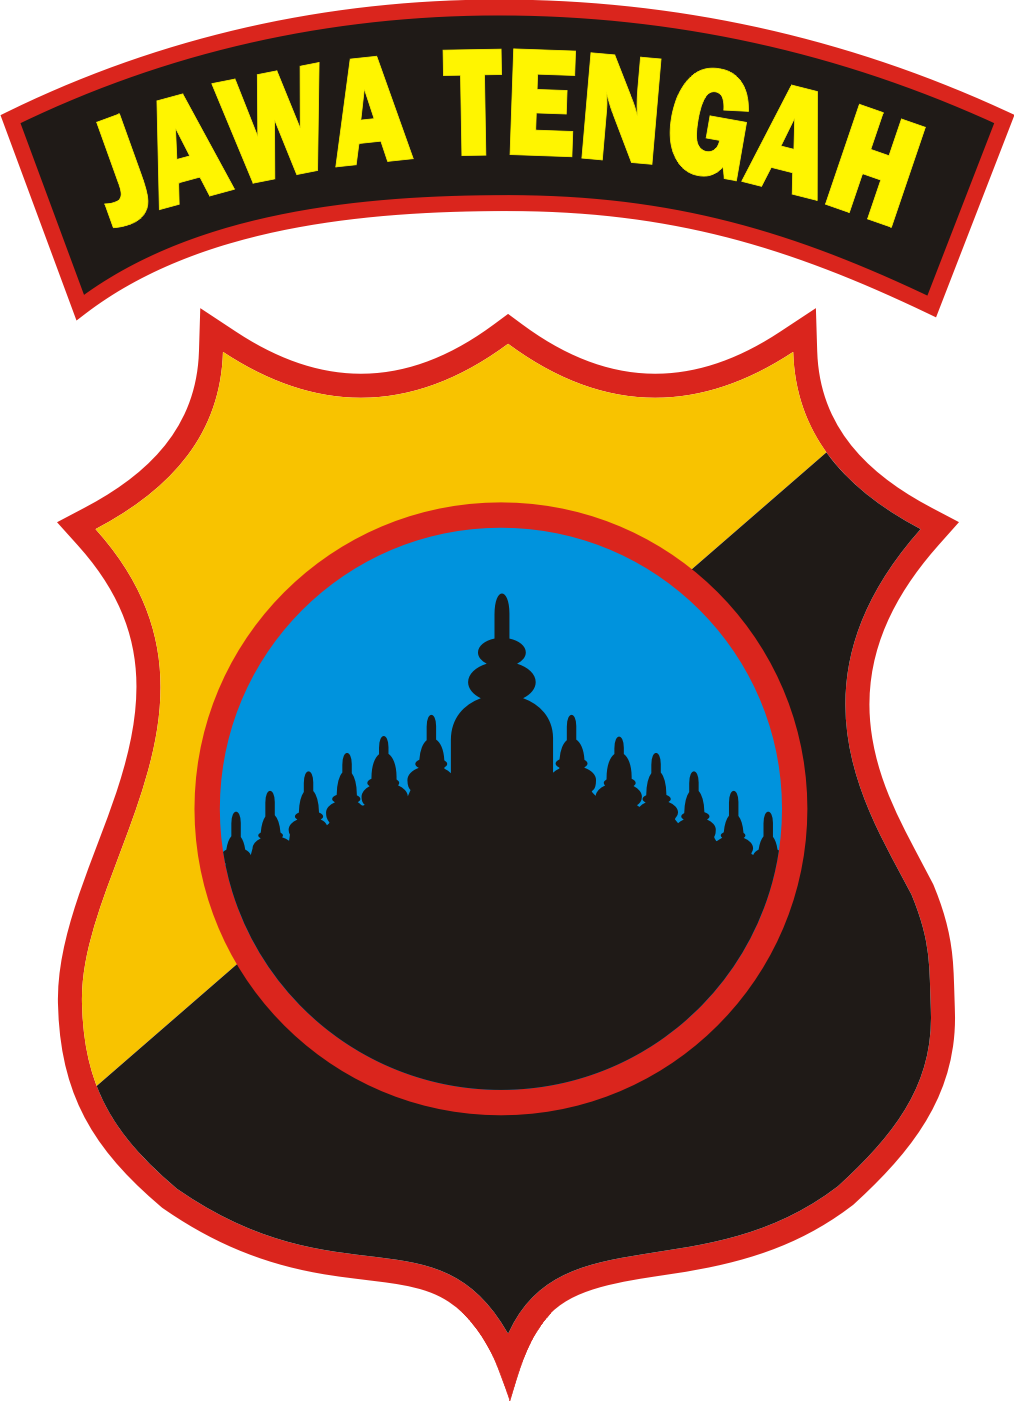 Logo Polda Jawa Tengah  Kumpulan Logo Indonesia